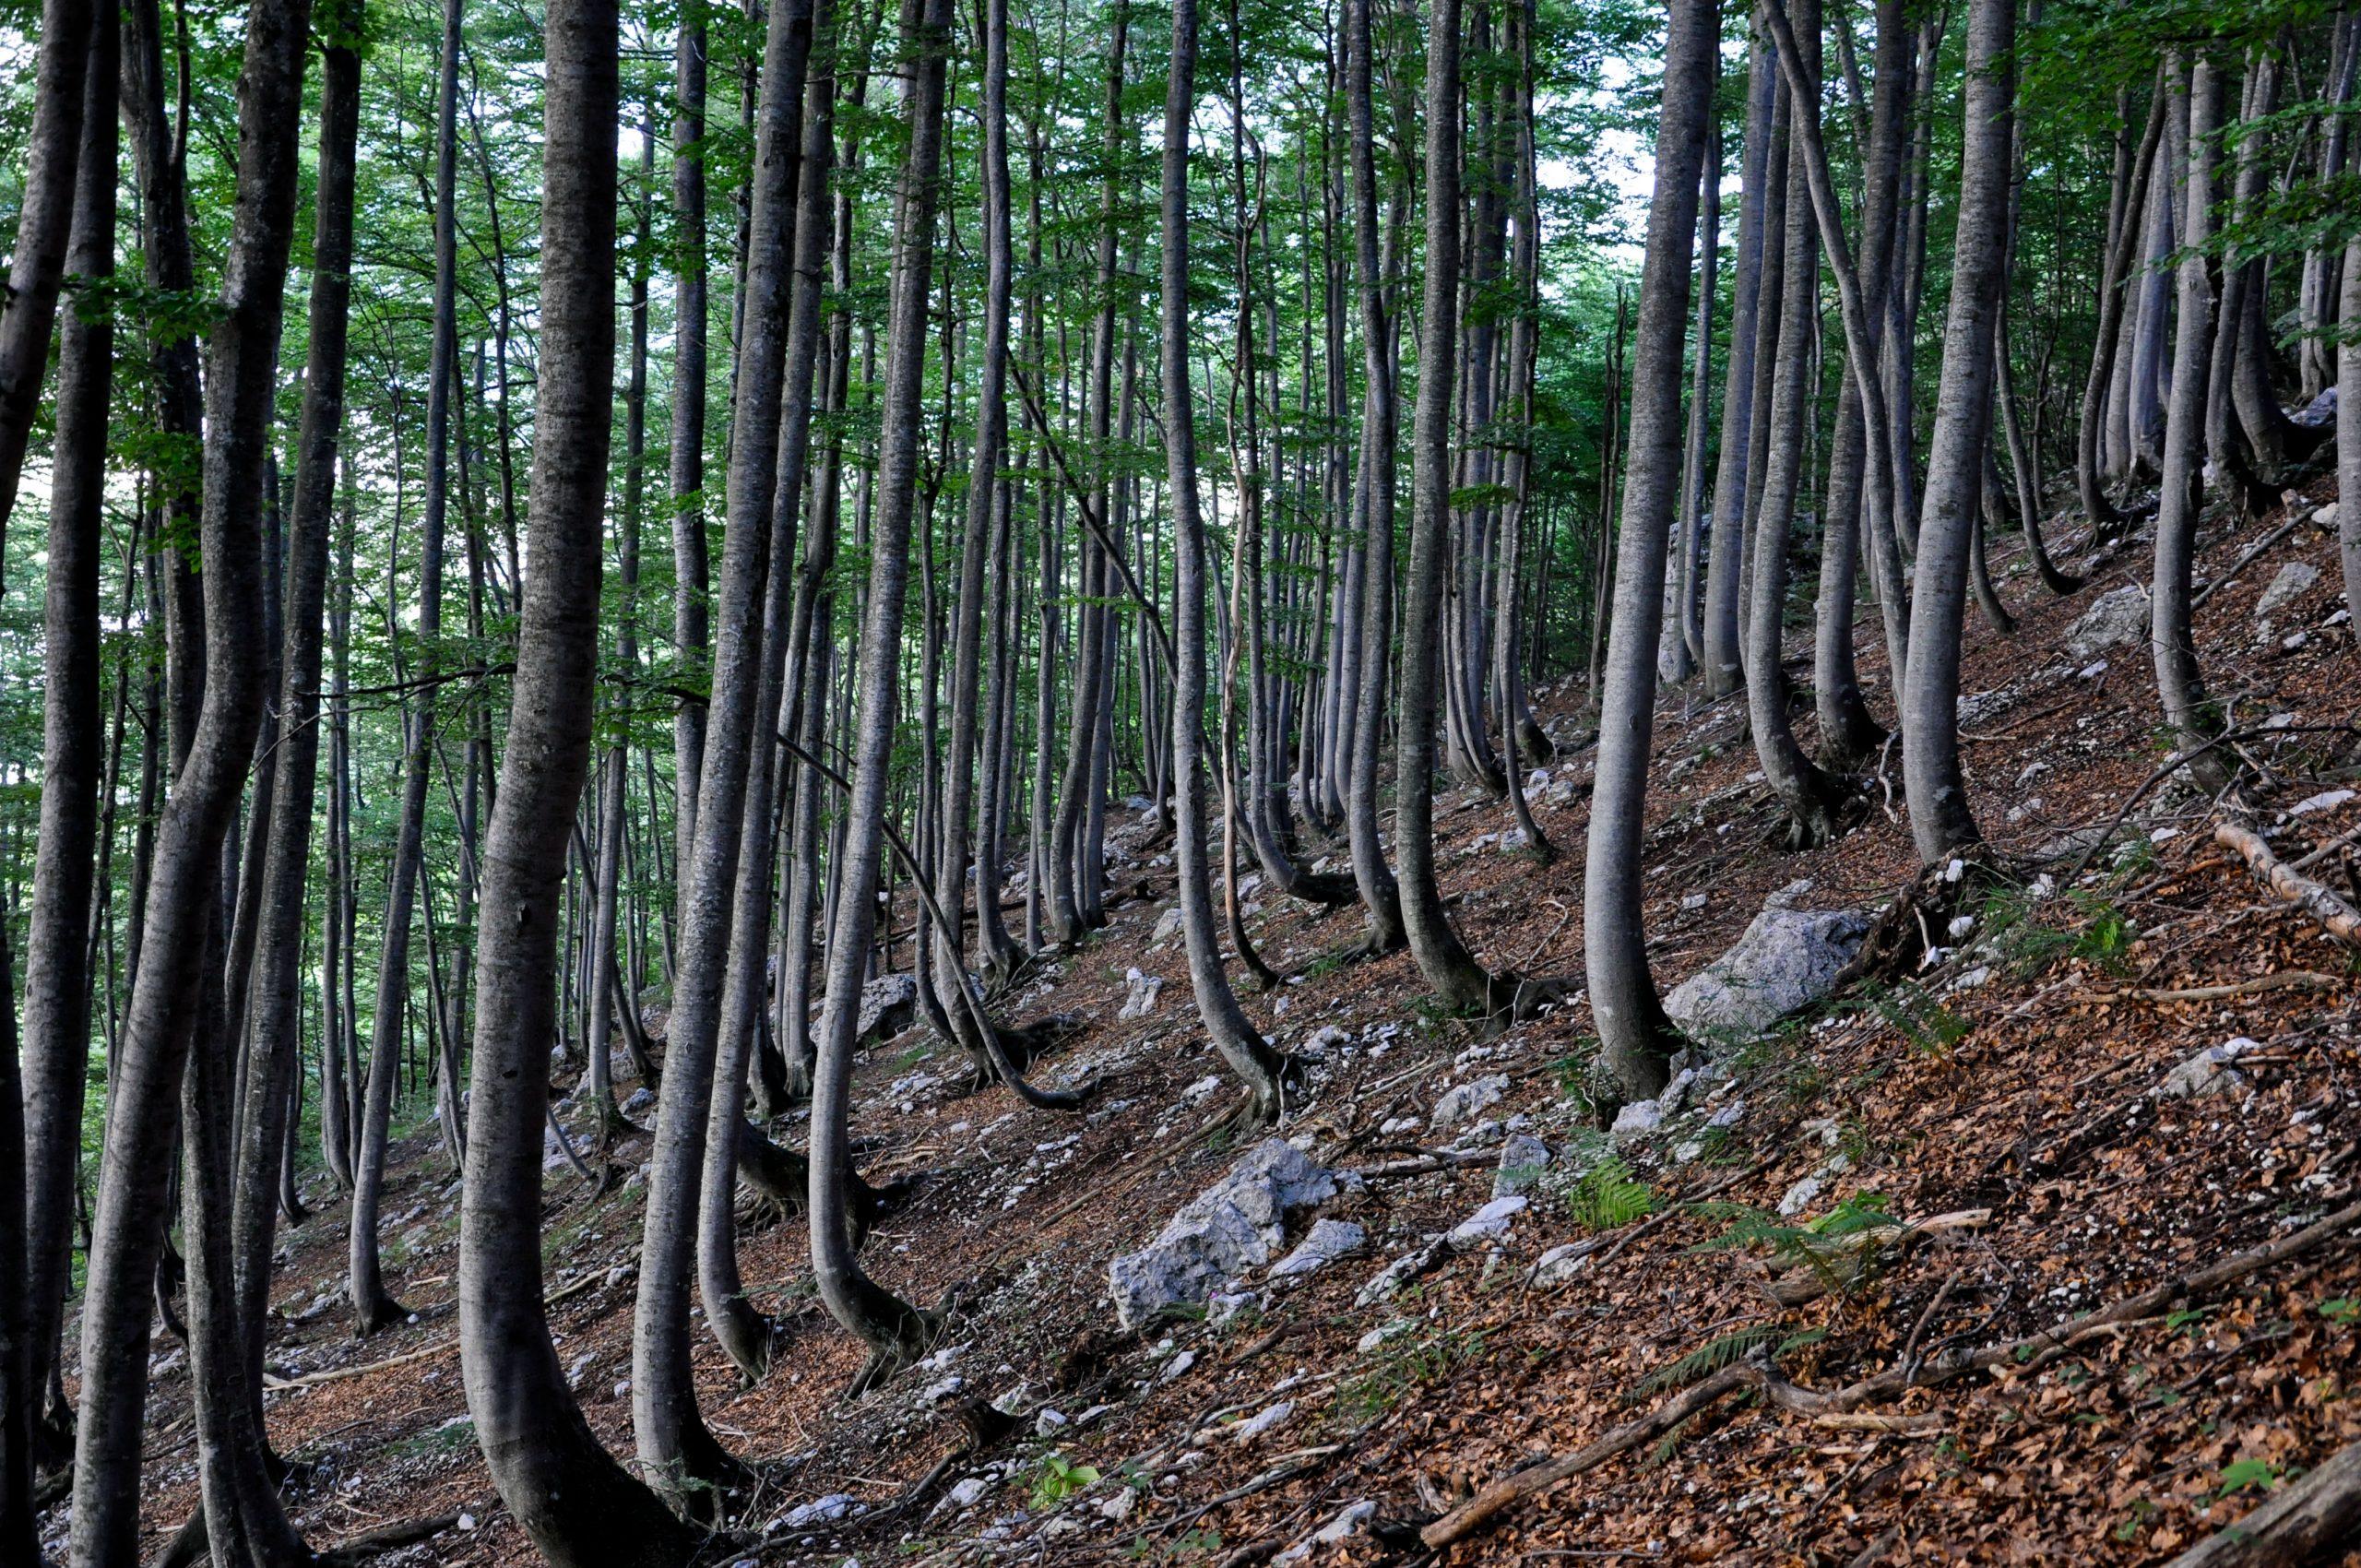 Bokovi gozdovi